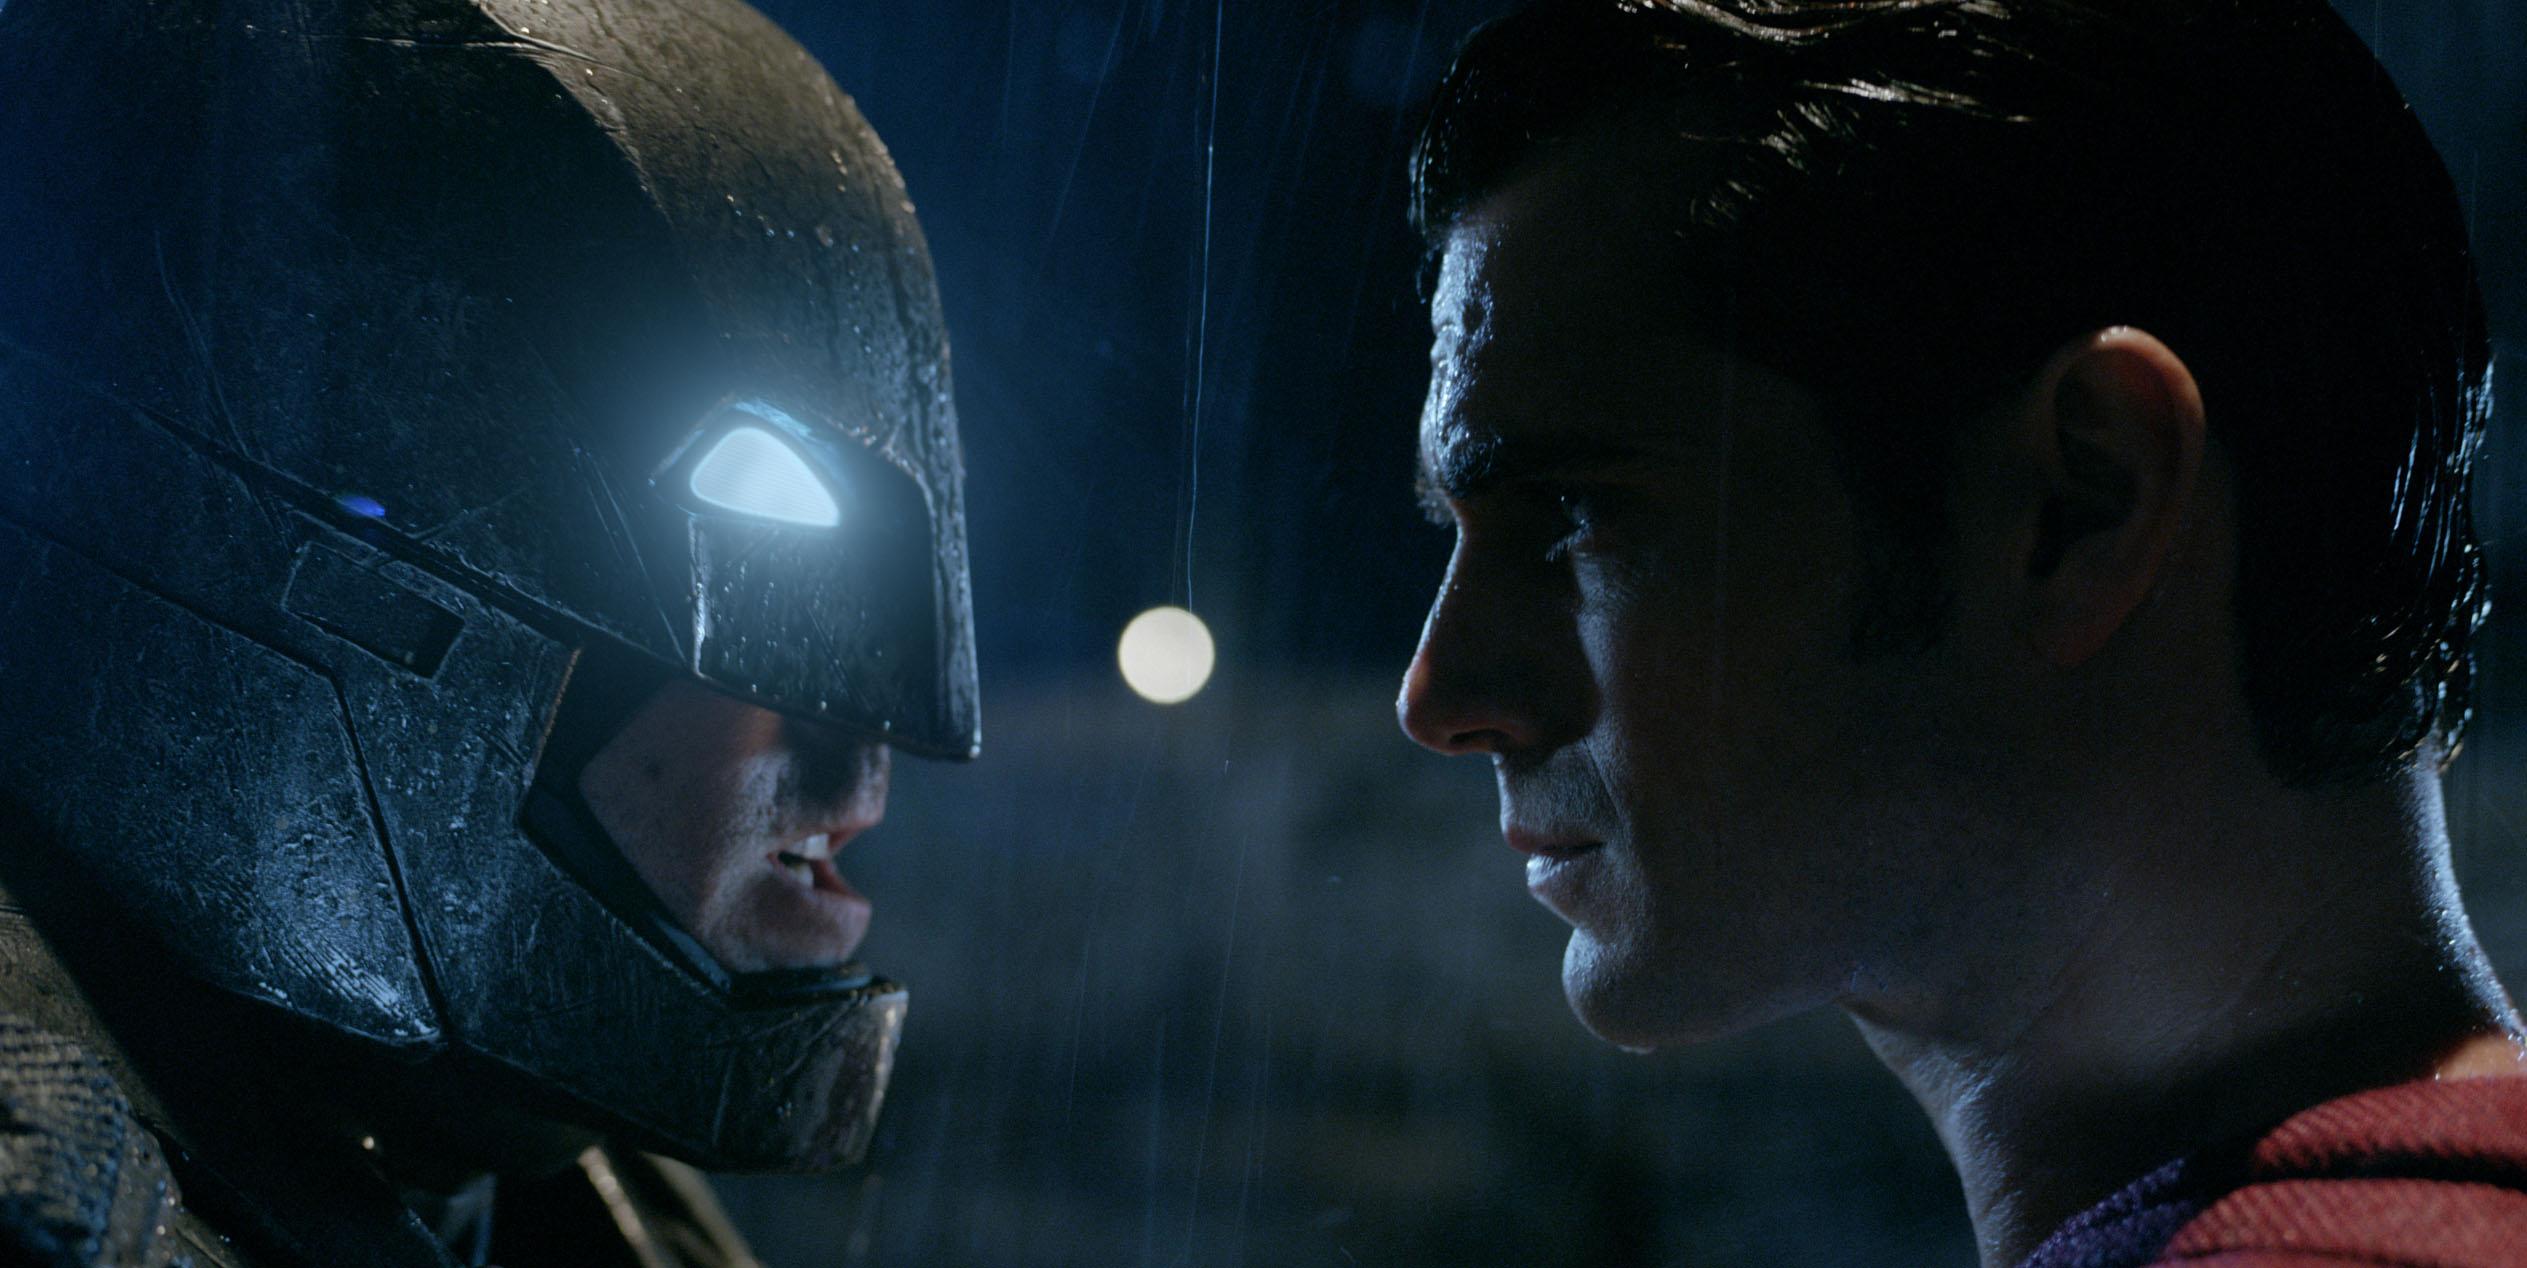 一掃「夜魔俠」之恥 班艾佛列克如何以《蝙蝠俠對超人》證明自己就是「蝙蝠俠」   BeautiMode 創意生活風格網